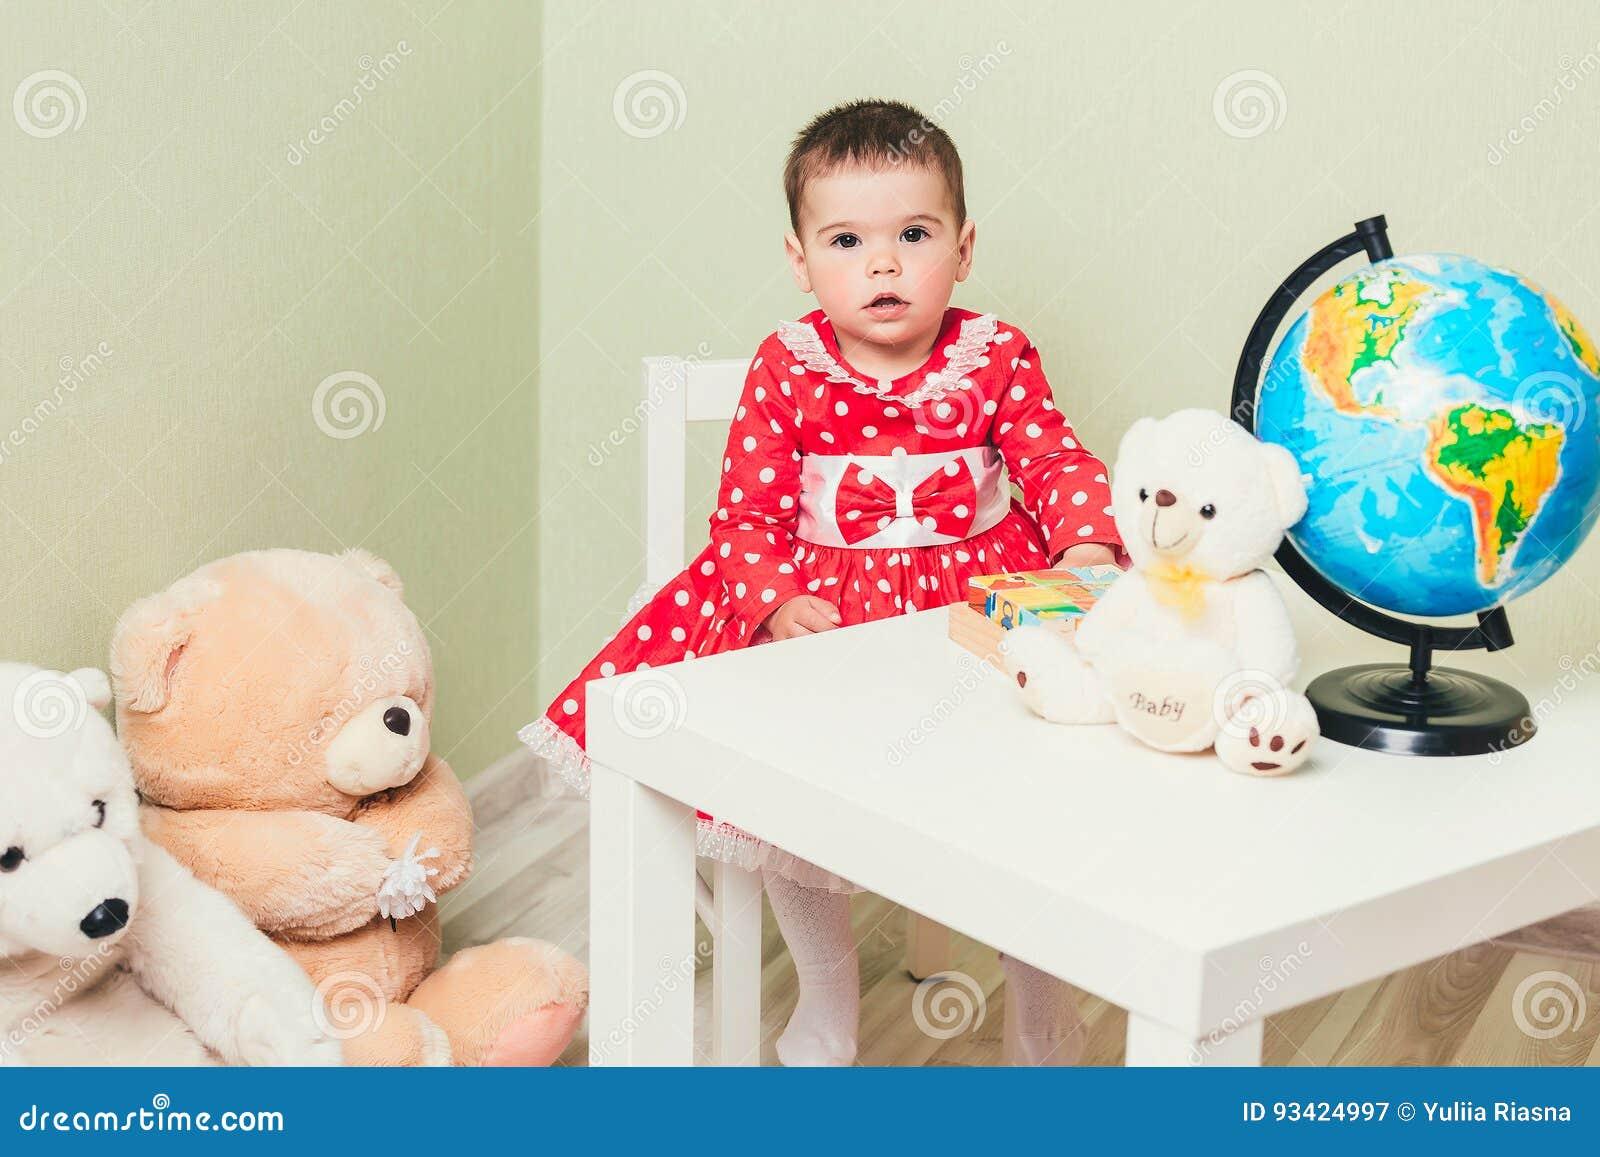 Мальчик и старая тёлка фото 291-202